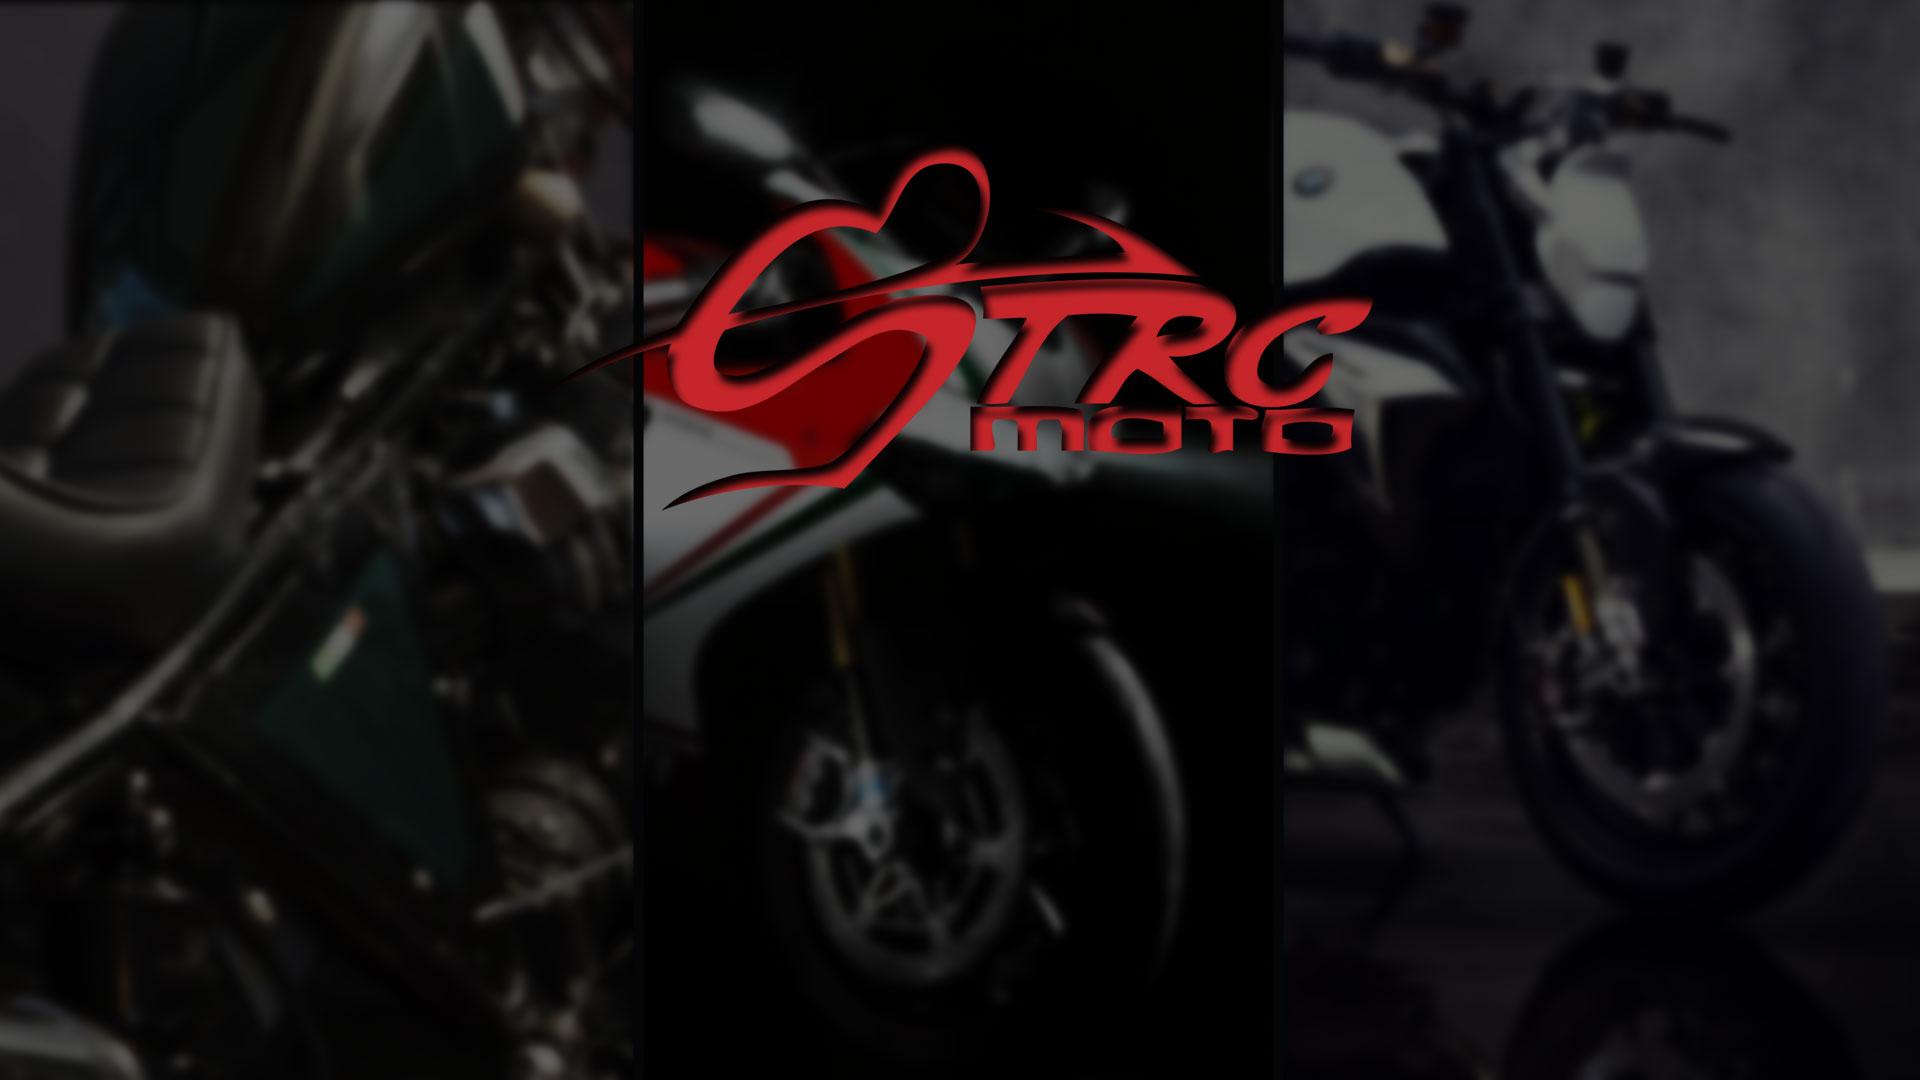 Trc Moto Entretien Réparation Vente De Motos Concession Fantic